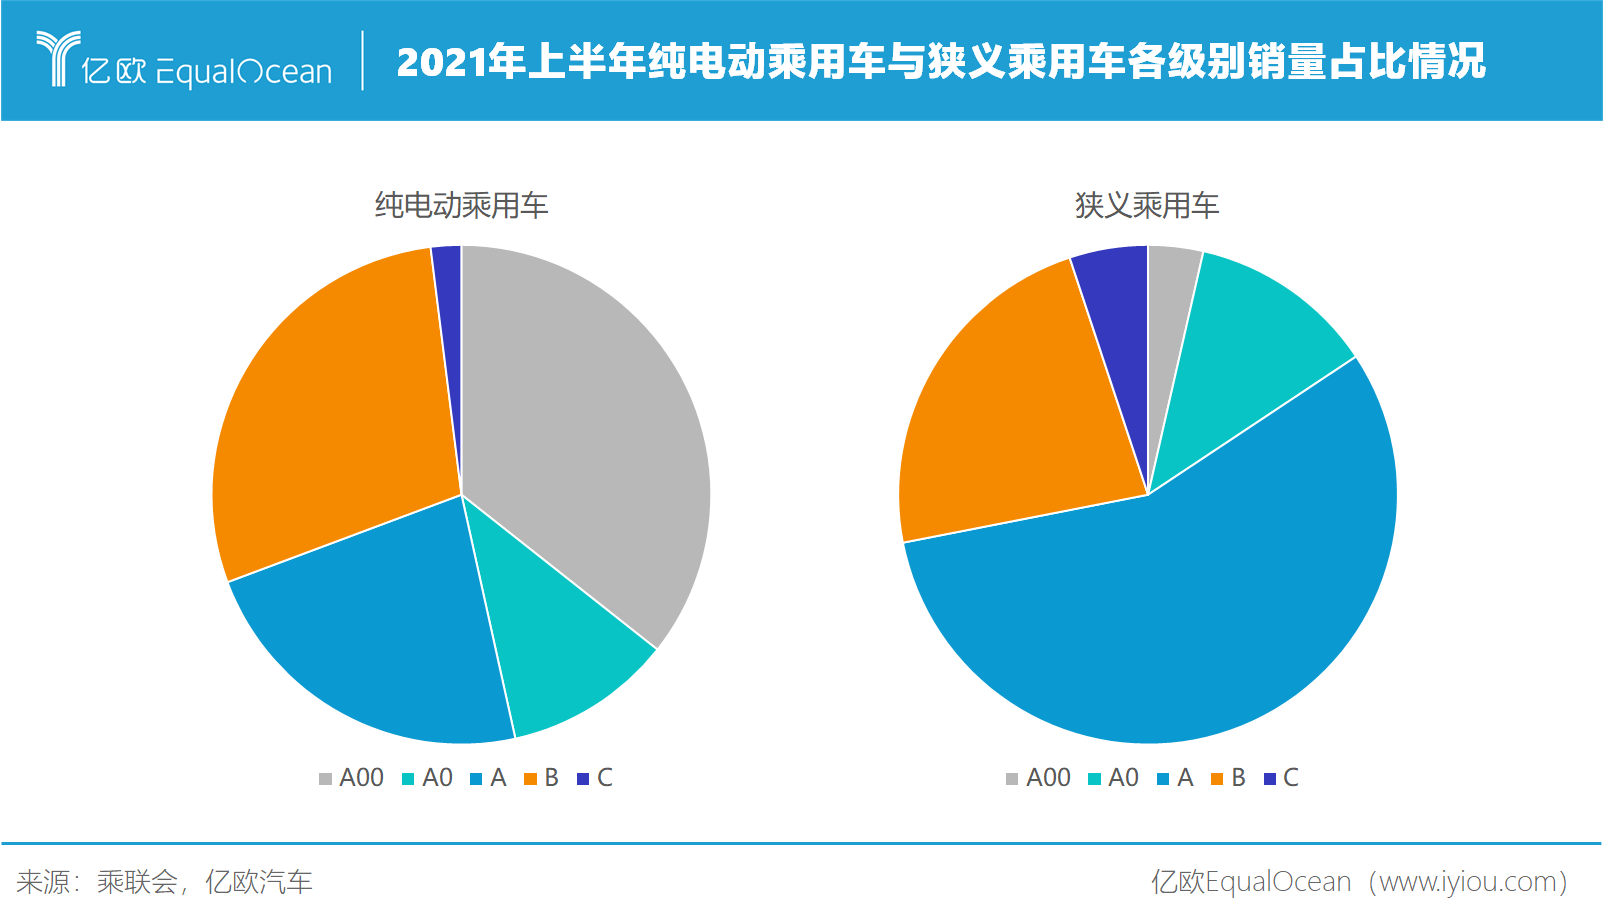 2021年上半年纯电动乘用车与狭义乘用车各级别销量占比情况